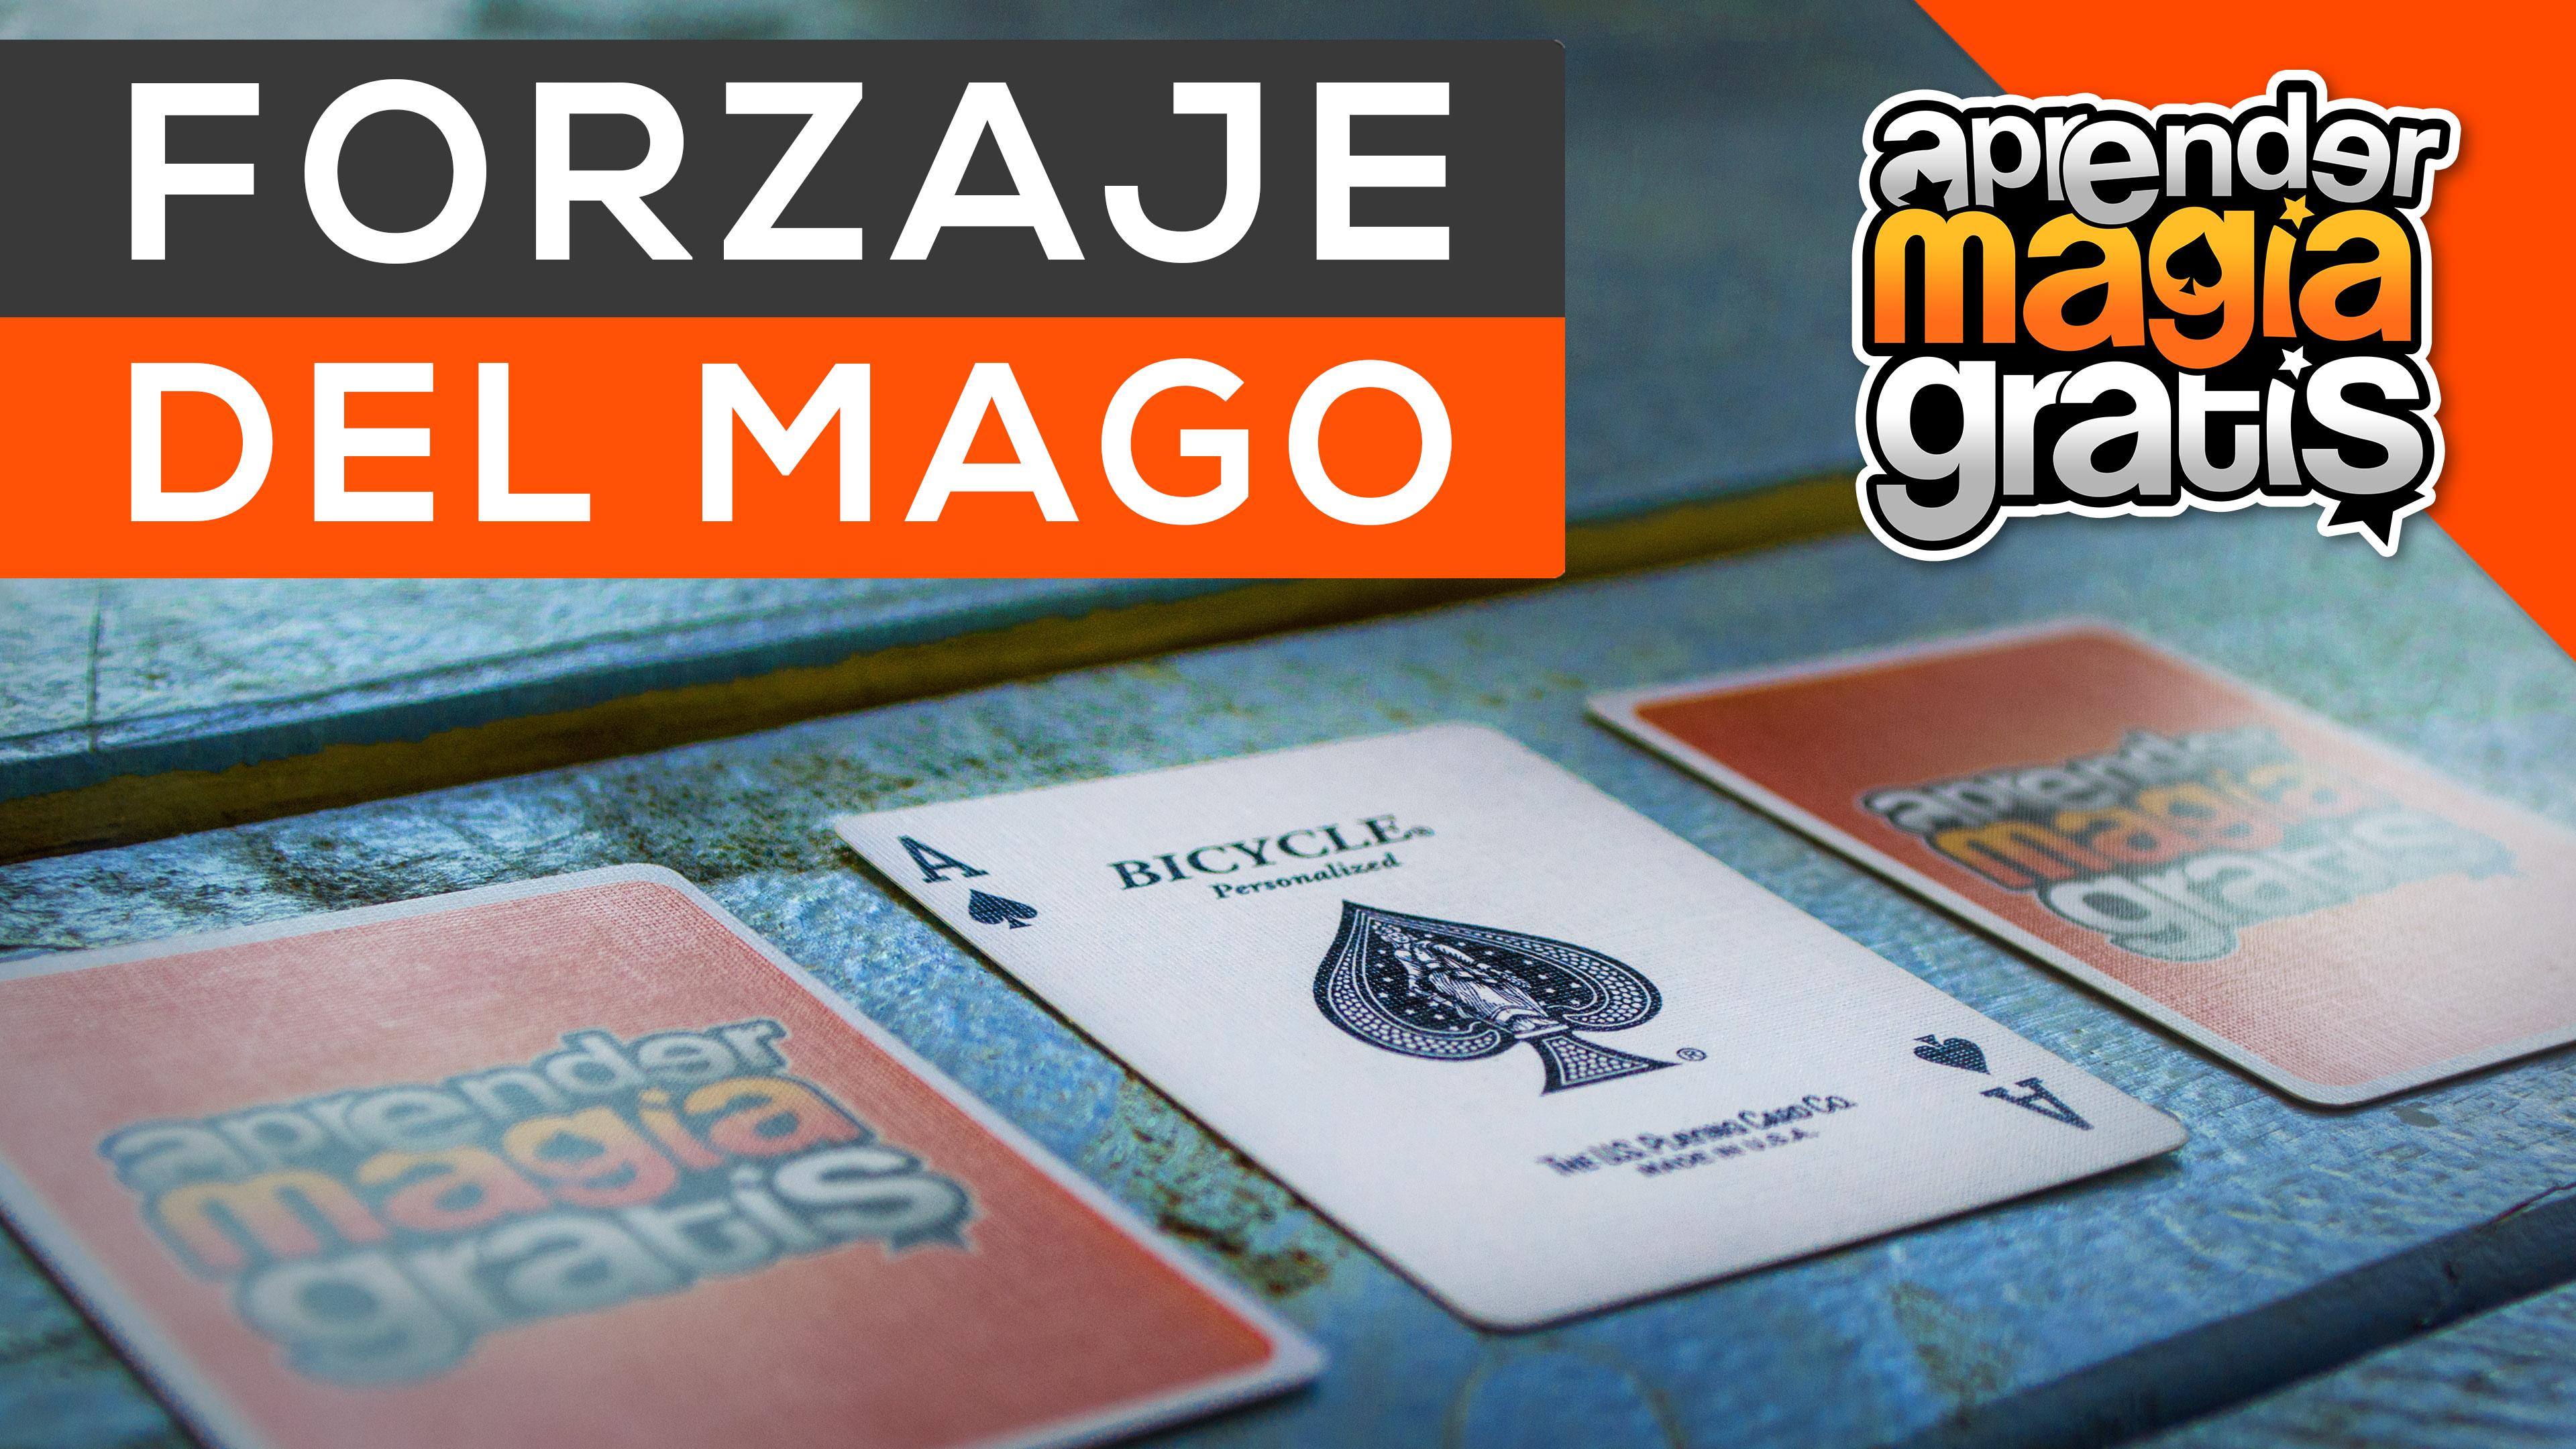 El Forzaje del mago | Truco de Magia Revelado con Cartas